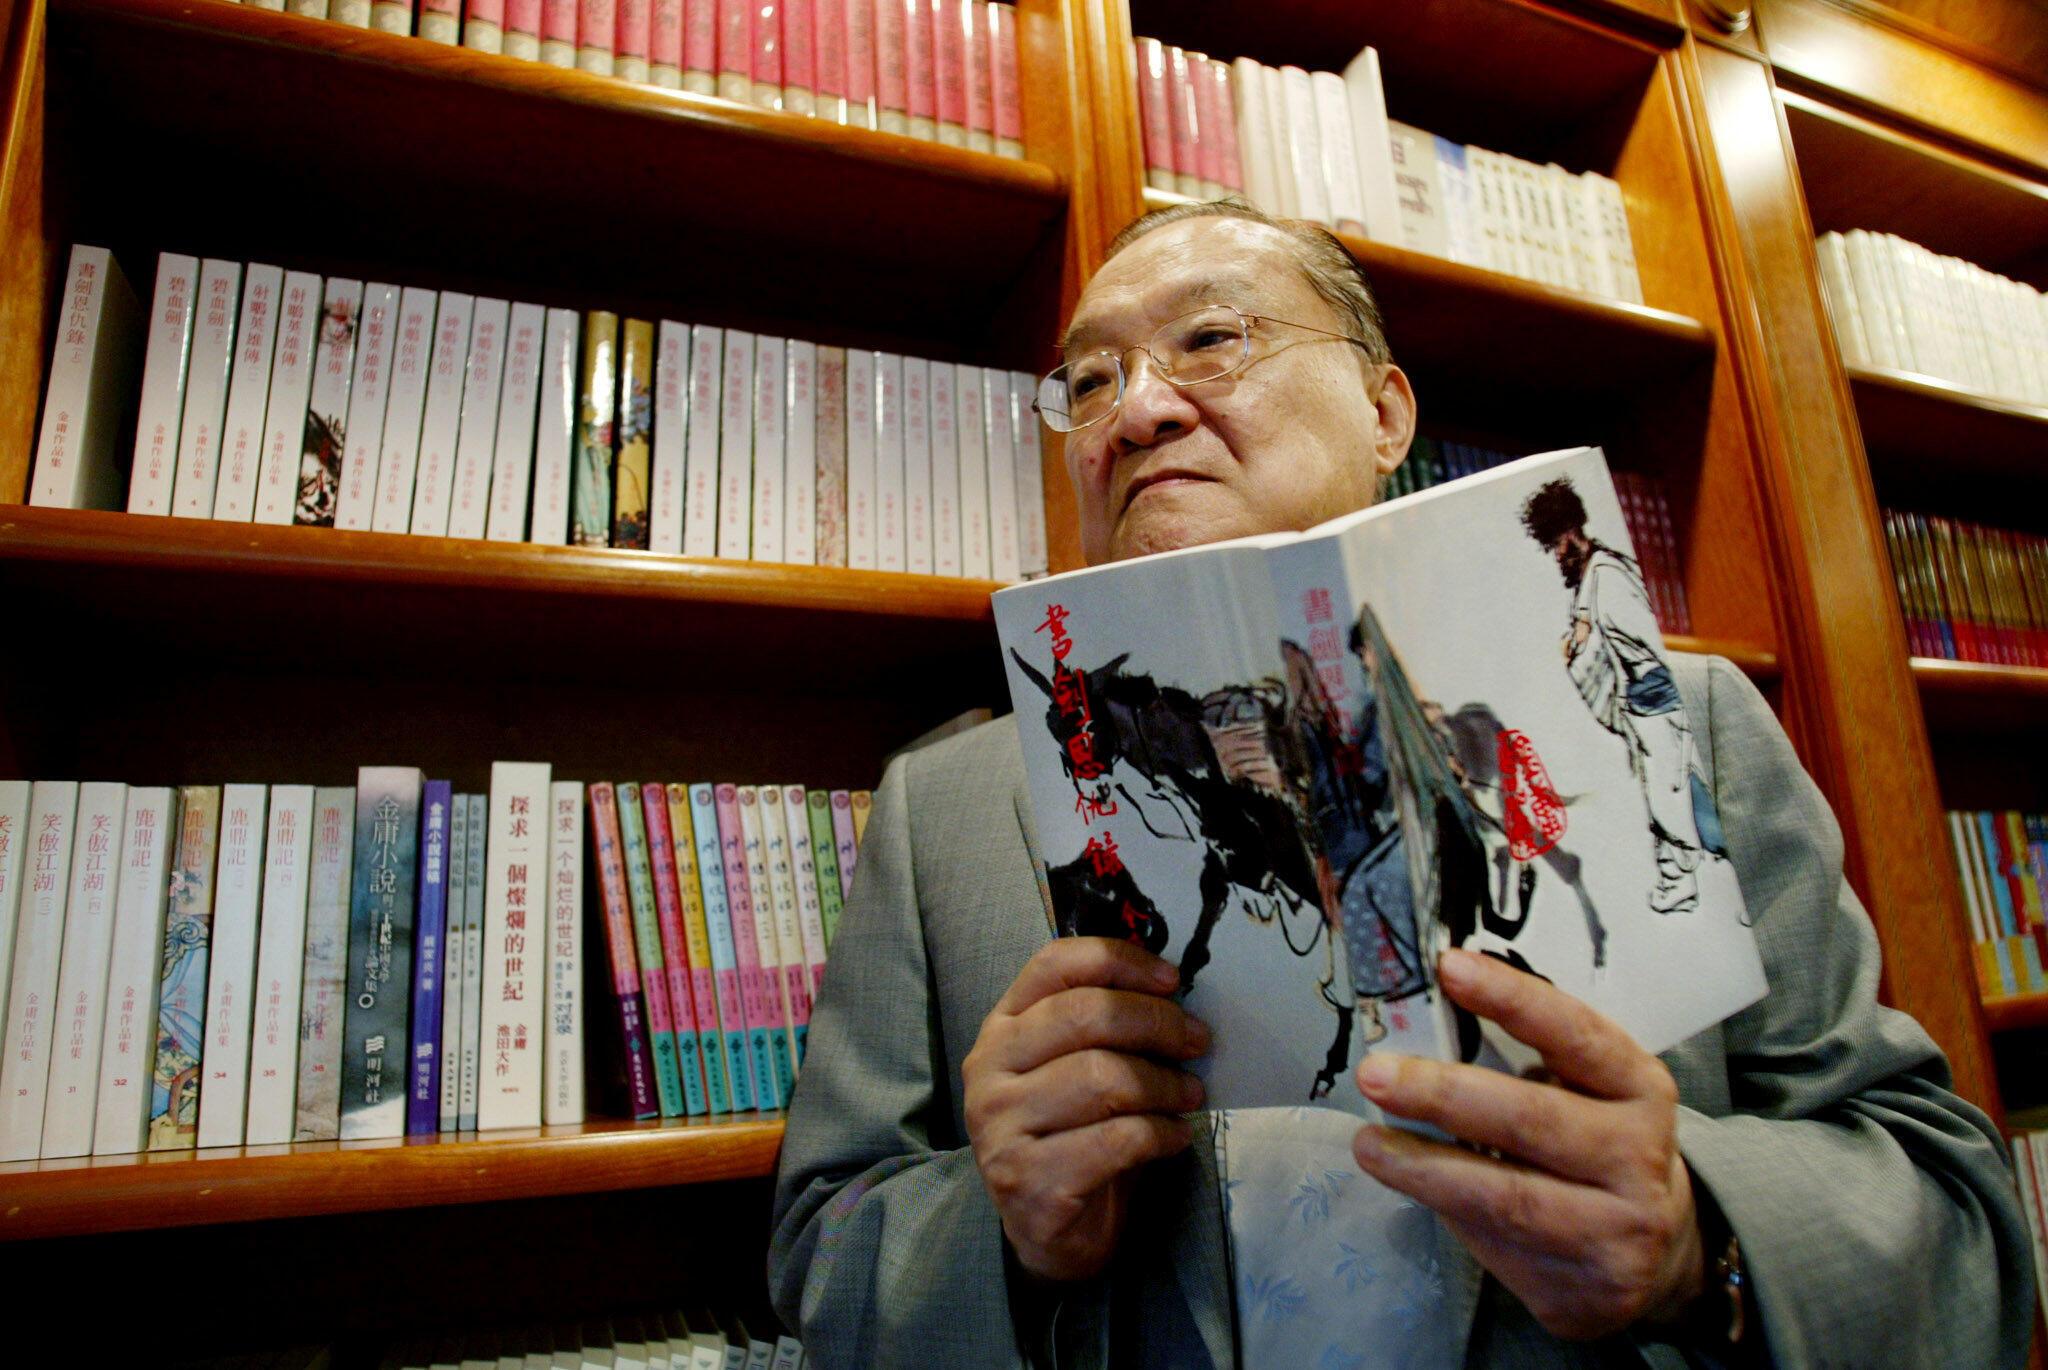 """Nhà văn Kim Dung tại văn phòng của ông ở Hồng Kông. Trên tay ông là tác phẩm đầu tay """"Thư kiếm ân cừu lục"""" ông viết năm 1955. Ảnh chụp ngày 29/07/2002."""